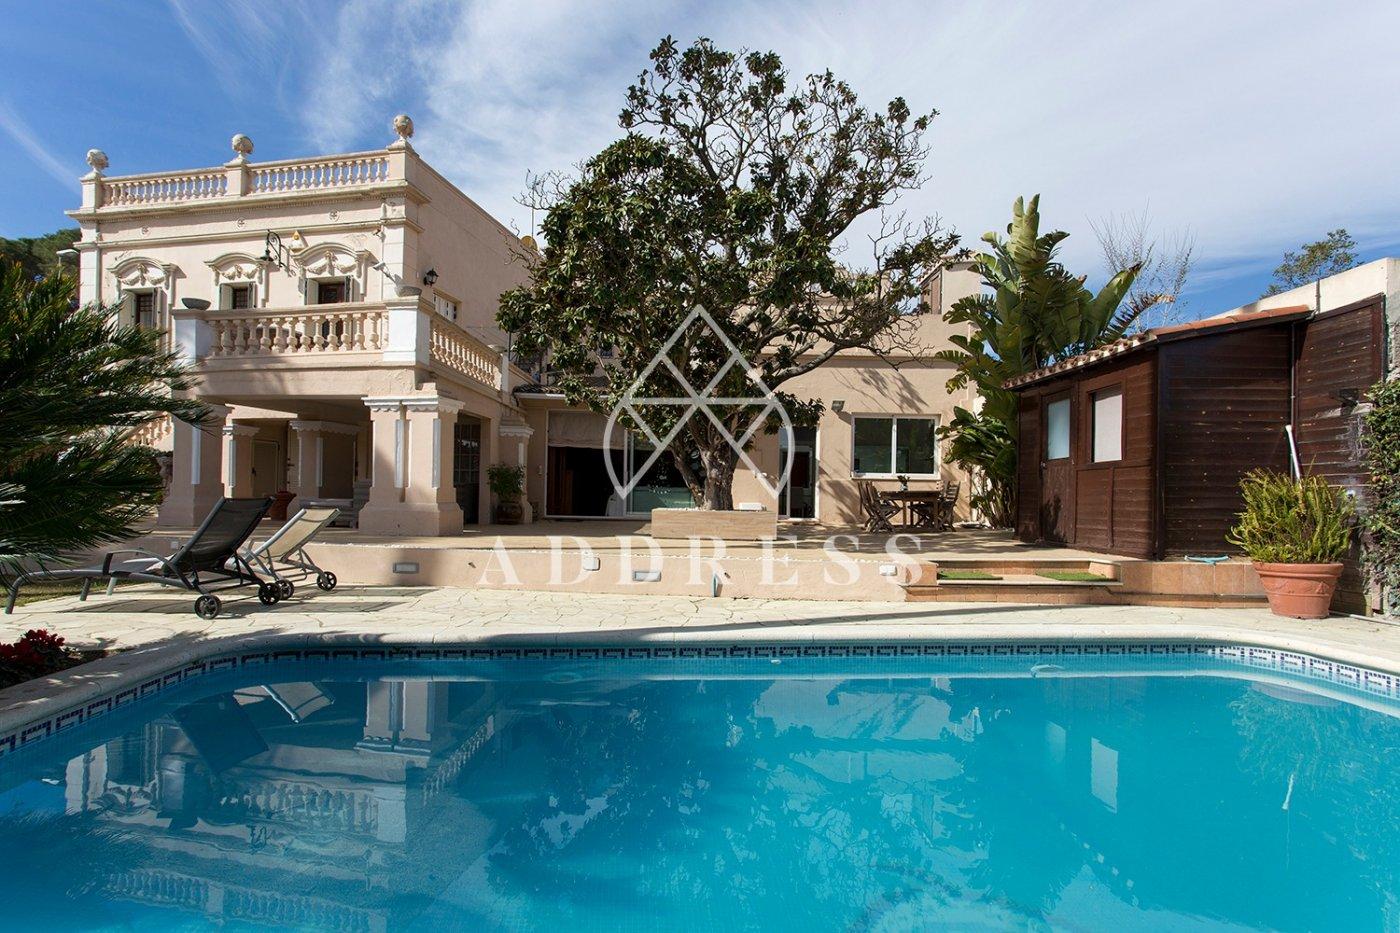 casa en sant-boi-de-llobregat · sant-boi-de-llobregat 1295000€